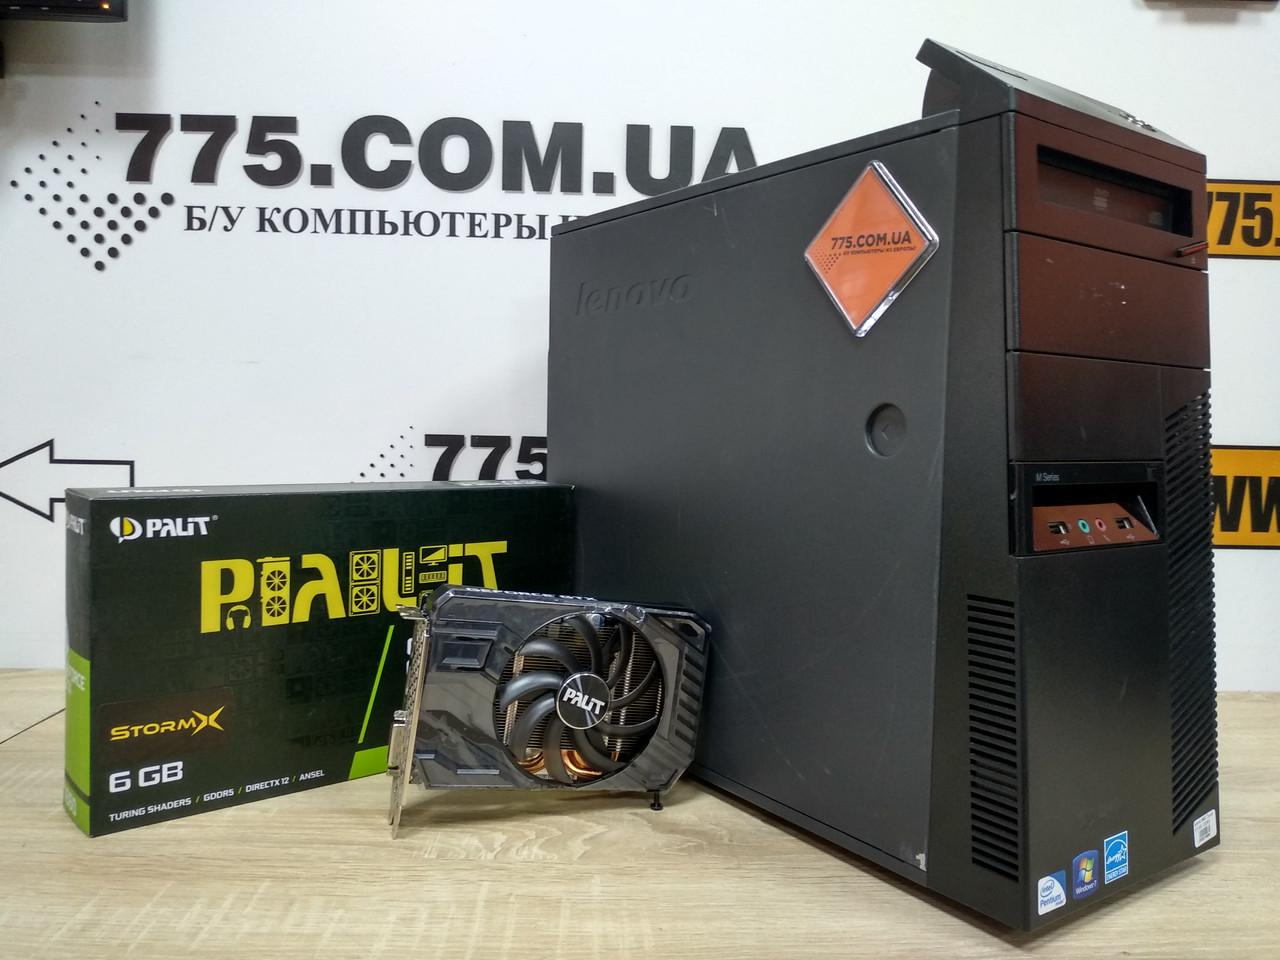 Игровой компьютер Lenovo M82, Intel Core i7 3.8GHz, RAM 8ГБ, SSD 120ГБ, HDD 500ГБ, GeForce GTX 1660 6GB